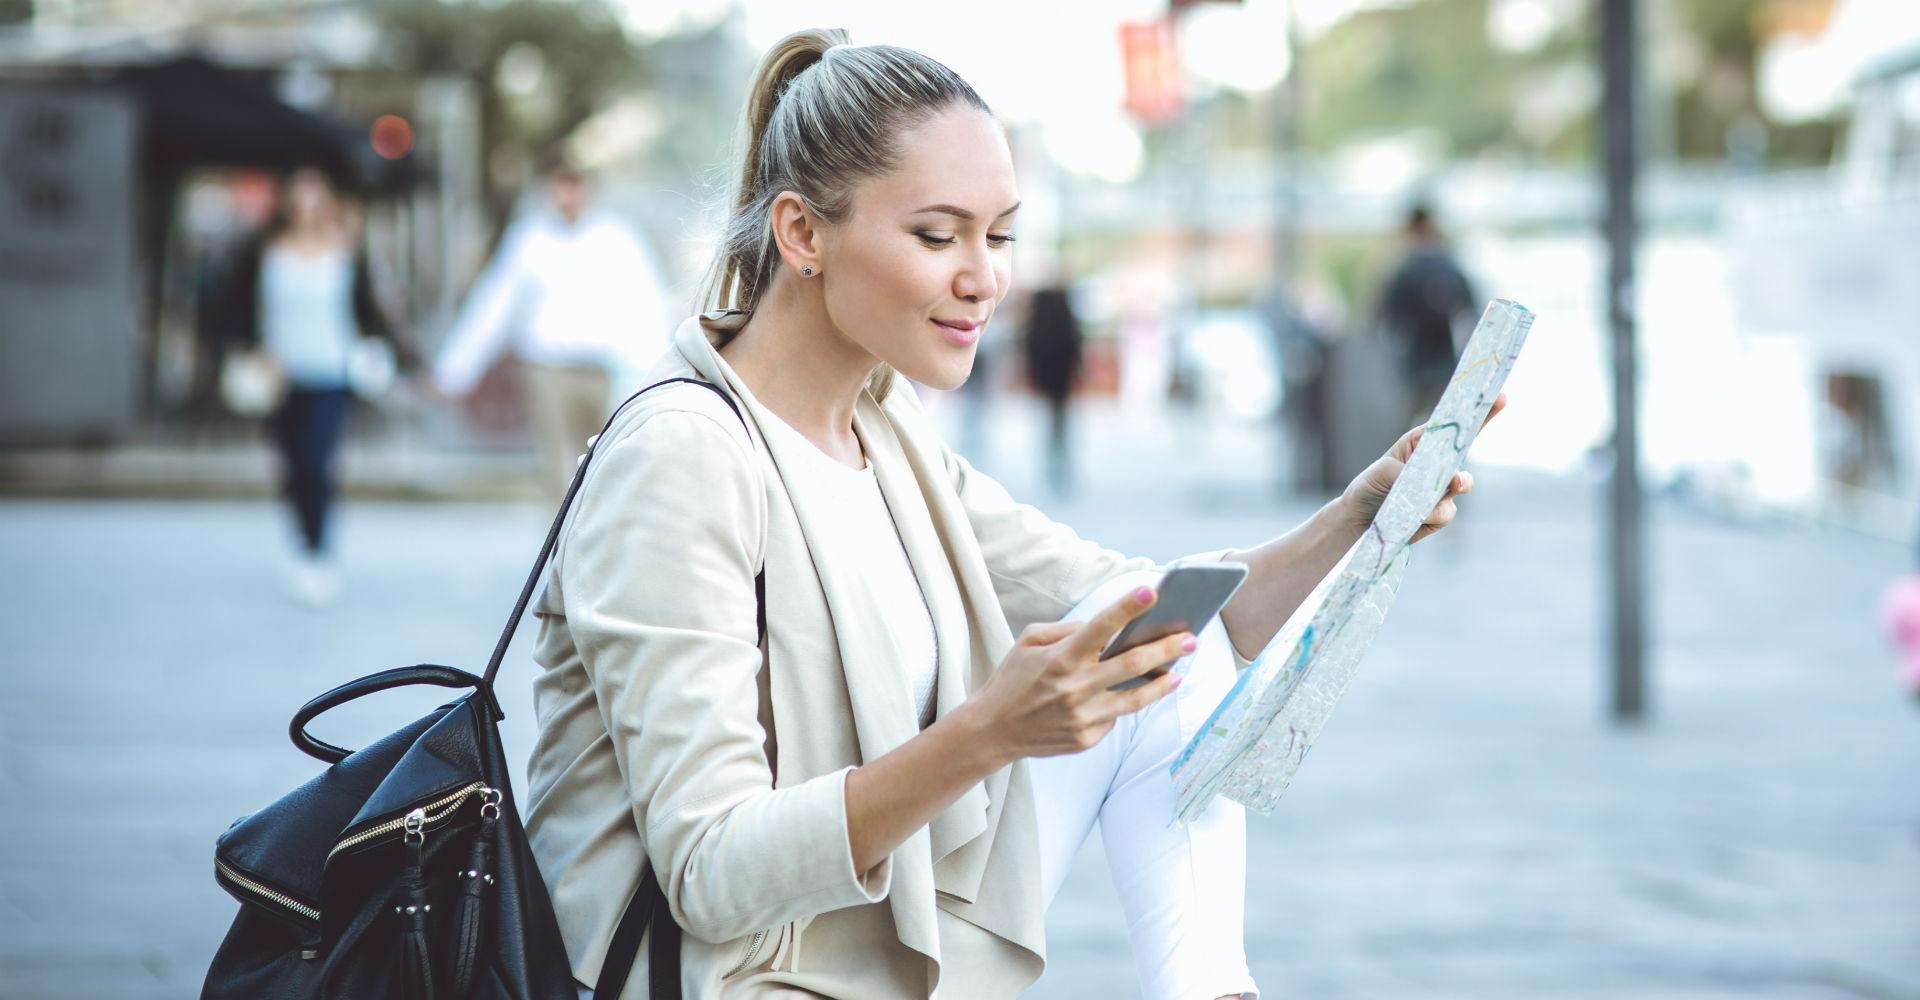 Junge Frau orientiert sich mithilfe von Stadtkarte und Smartphone.